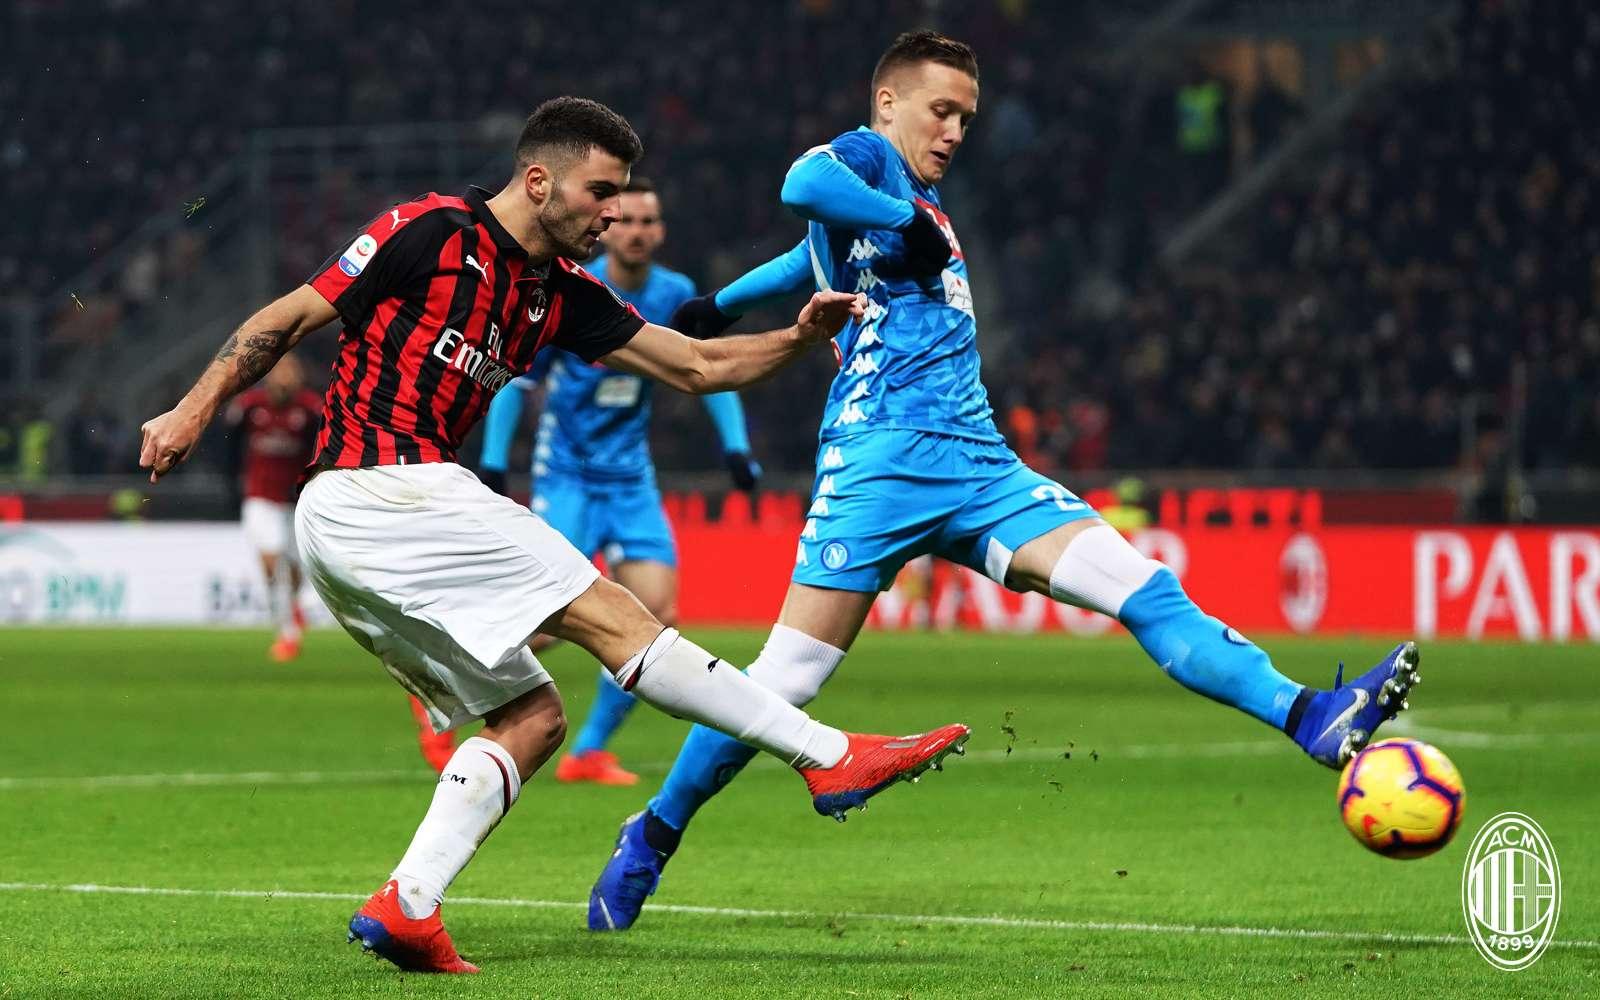 b65bc2fa6d Gól nélkül döntetlen a Milan-Napoli rangadón a San Siróban - AC ...